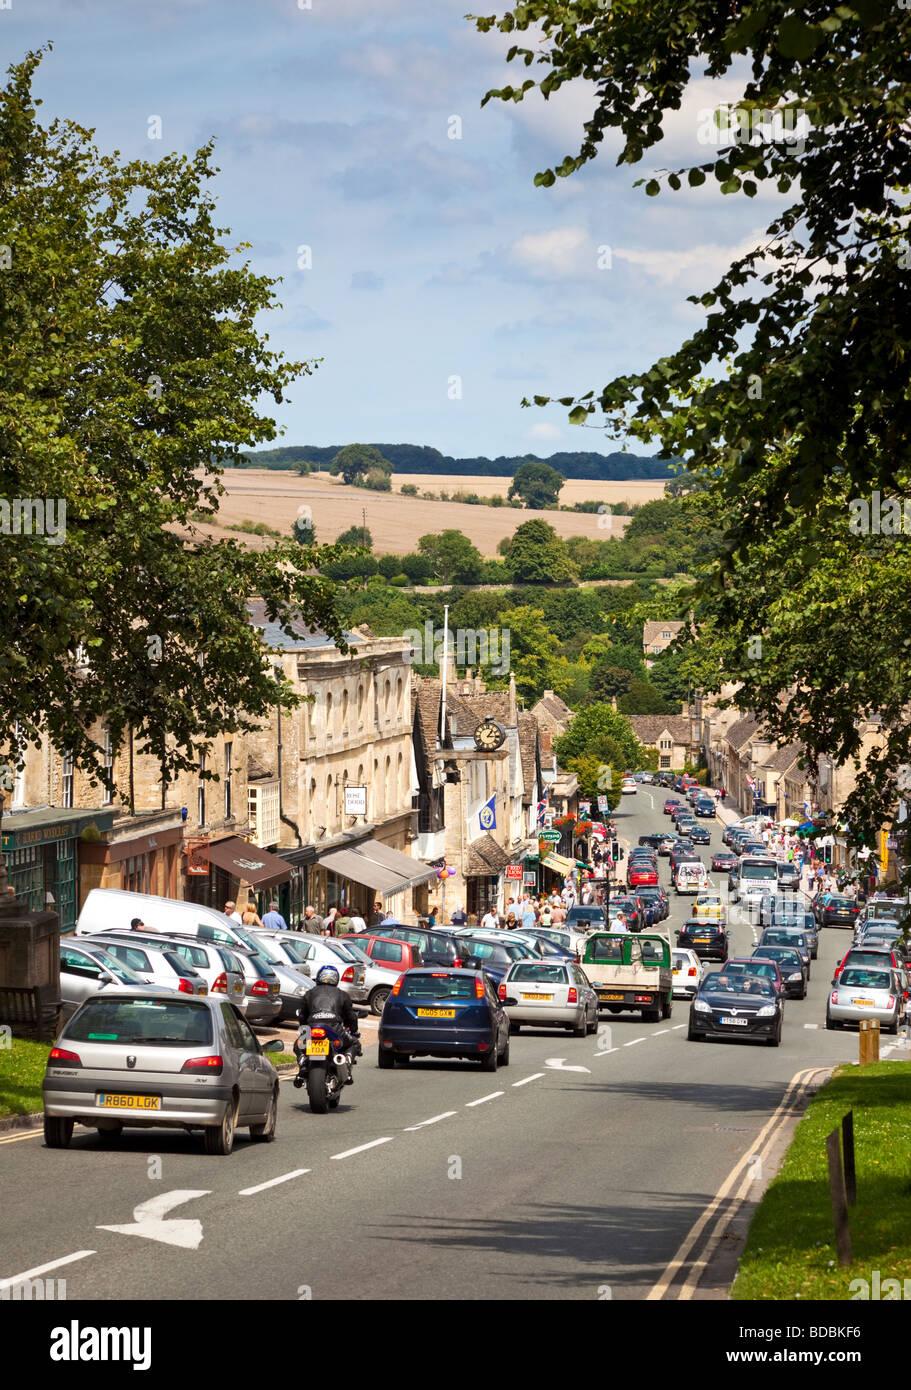 Stau in den Cotswolds Stadt von Burford, Oxfordshire, Vereinigtes Königreich - im Hochsommer Stockbild